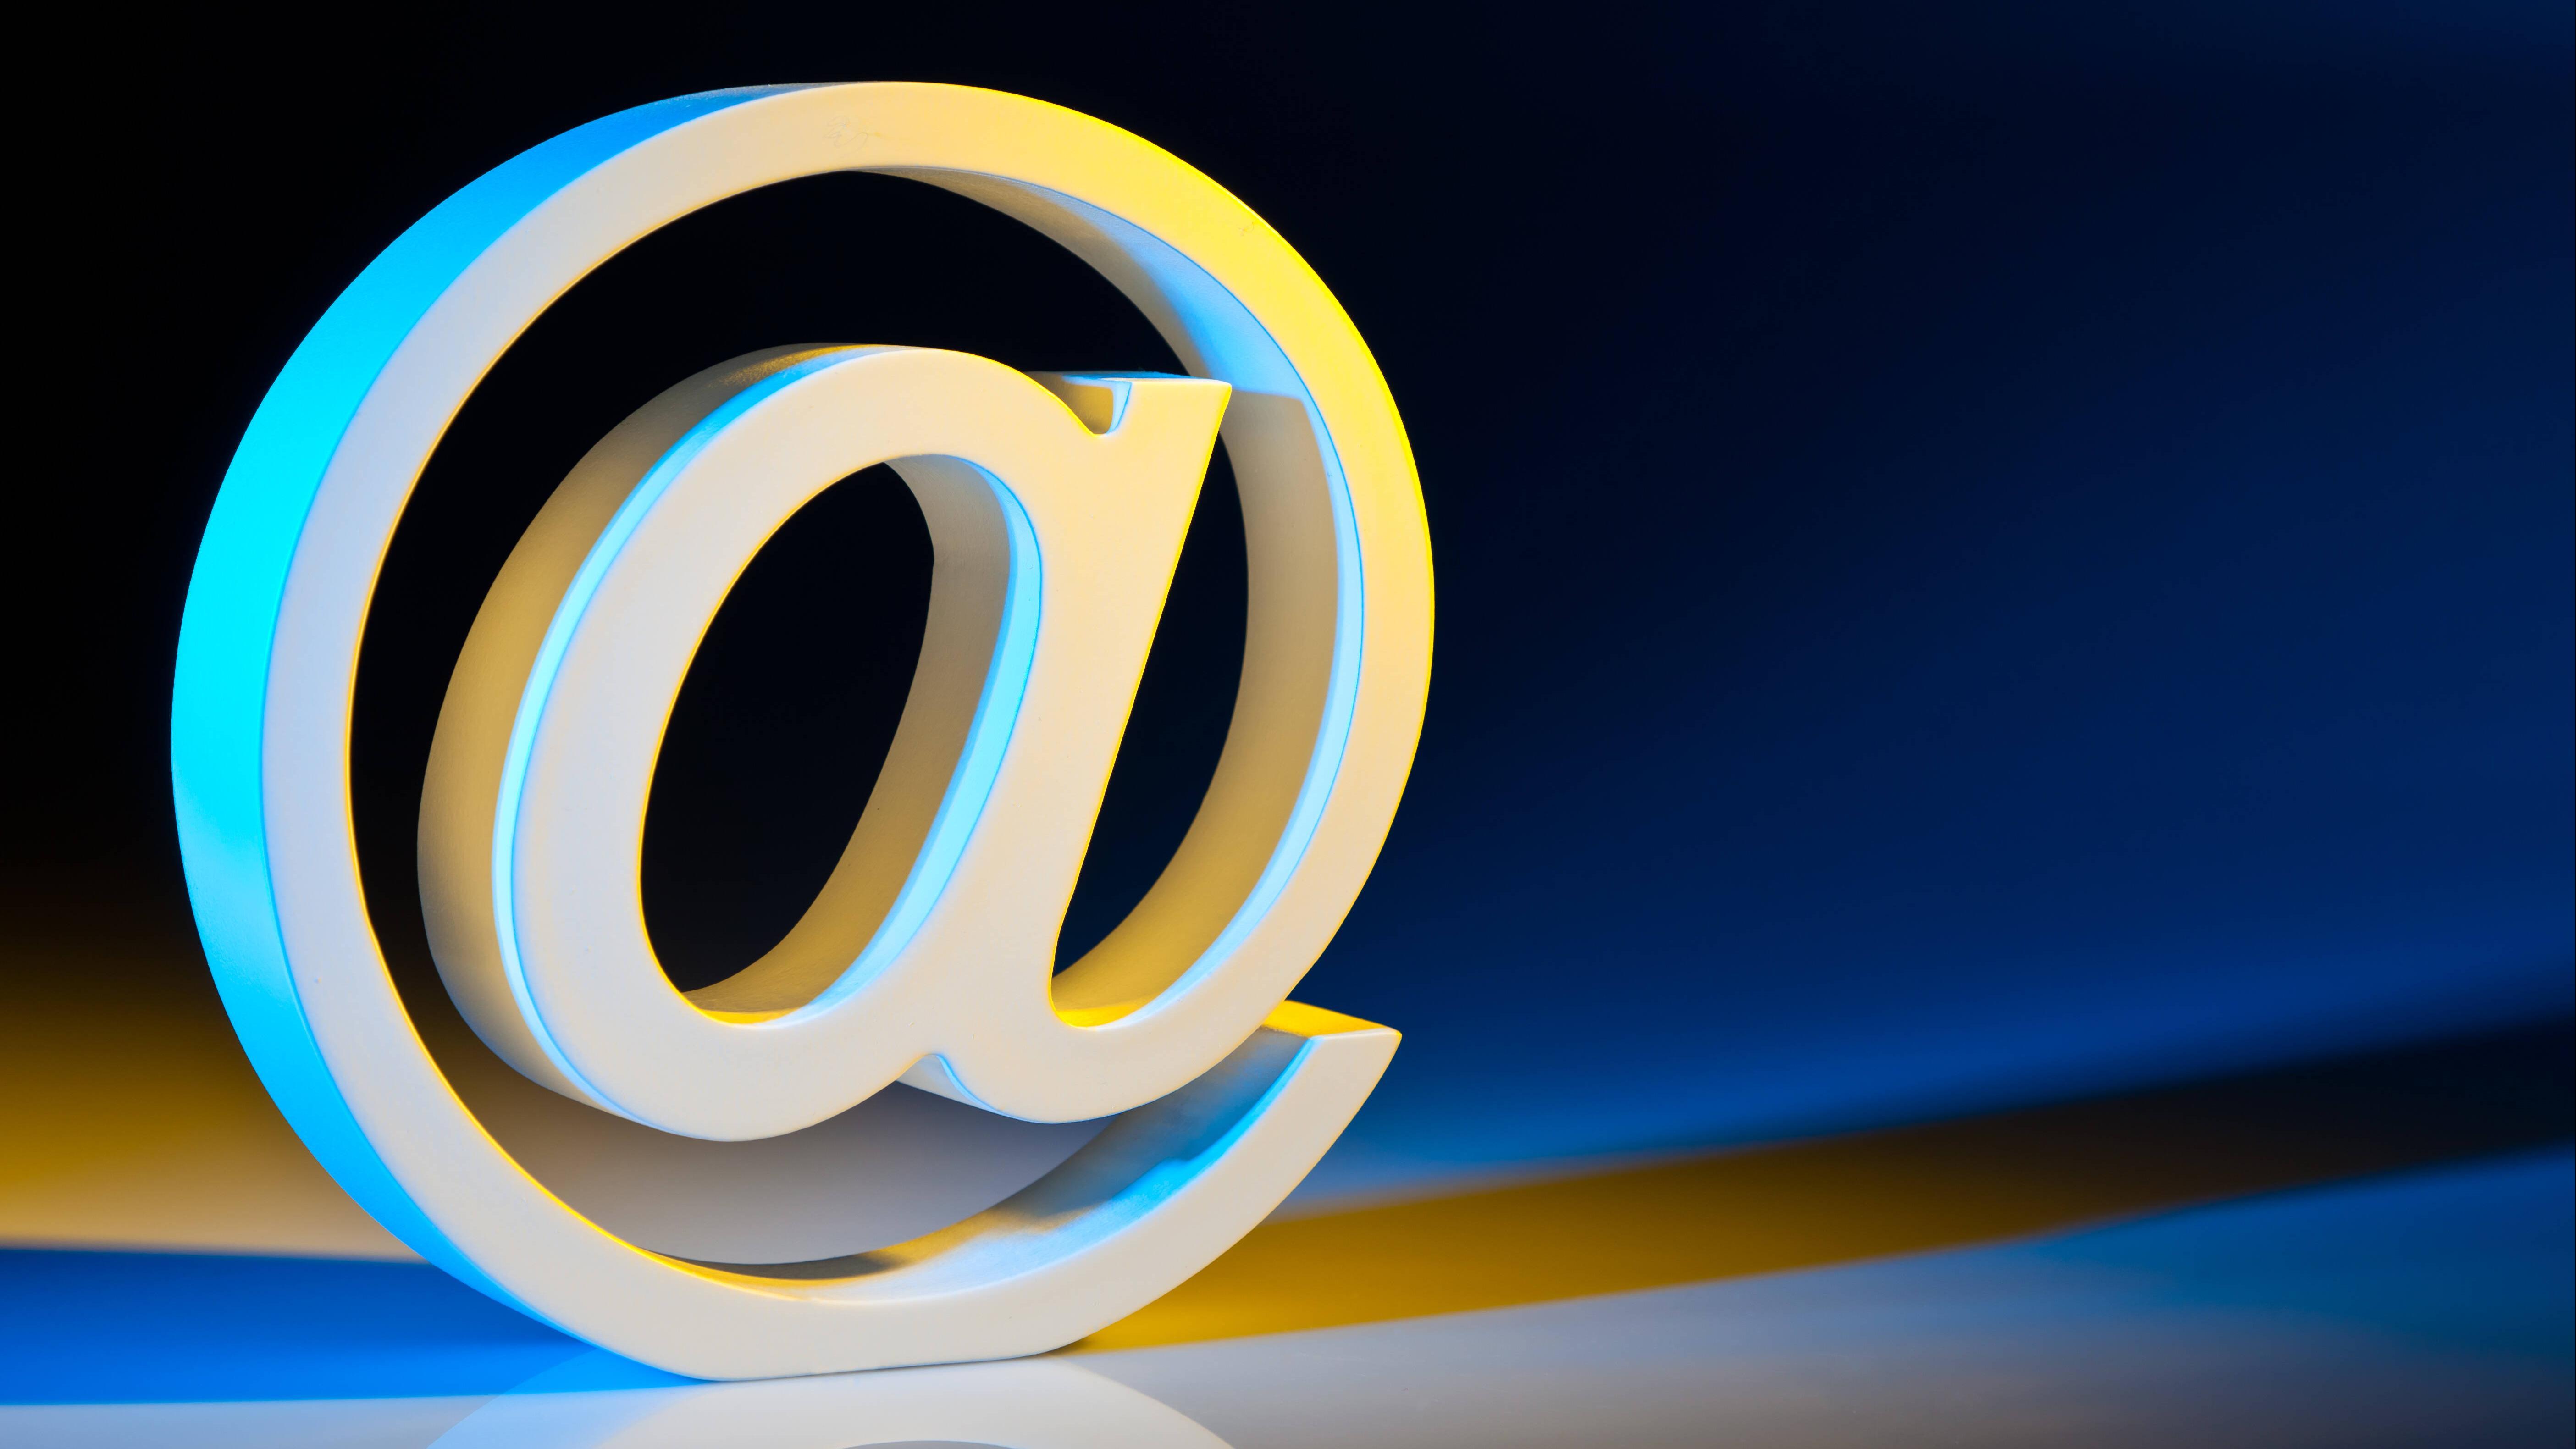 Mail in Outlook zurückrufen